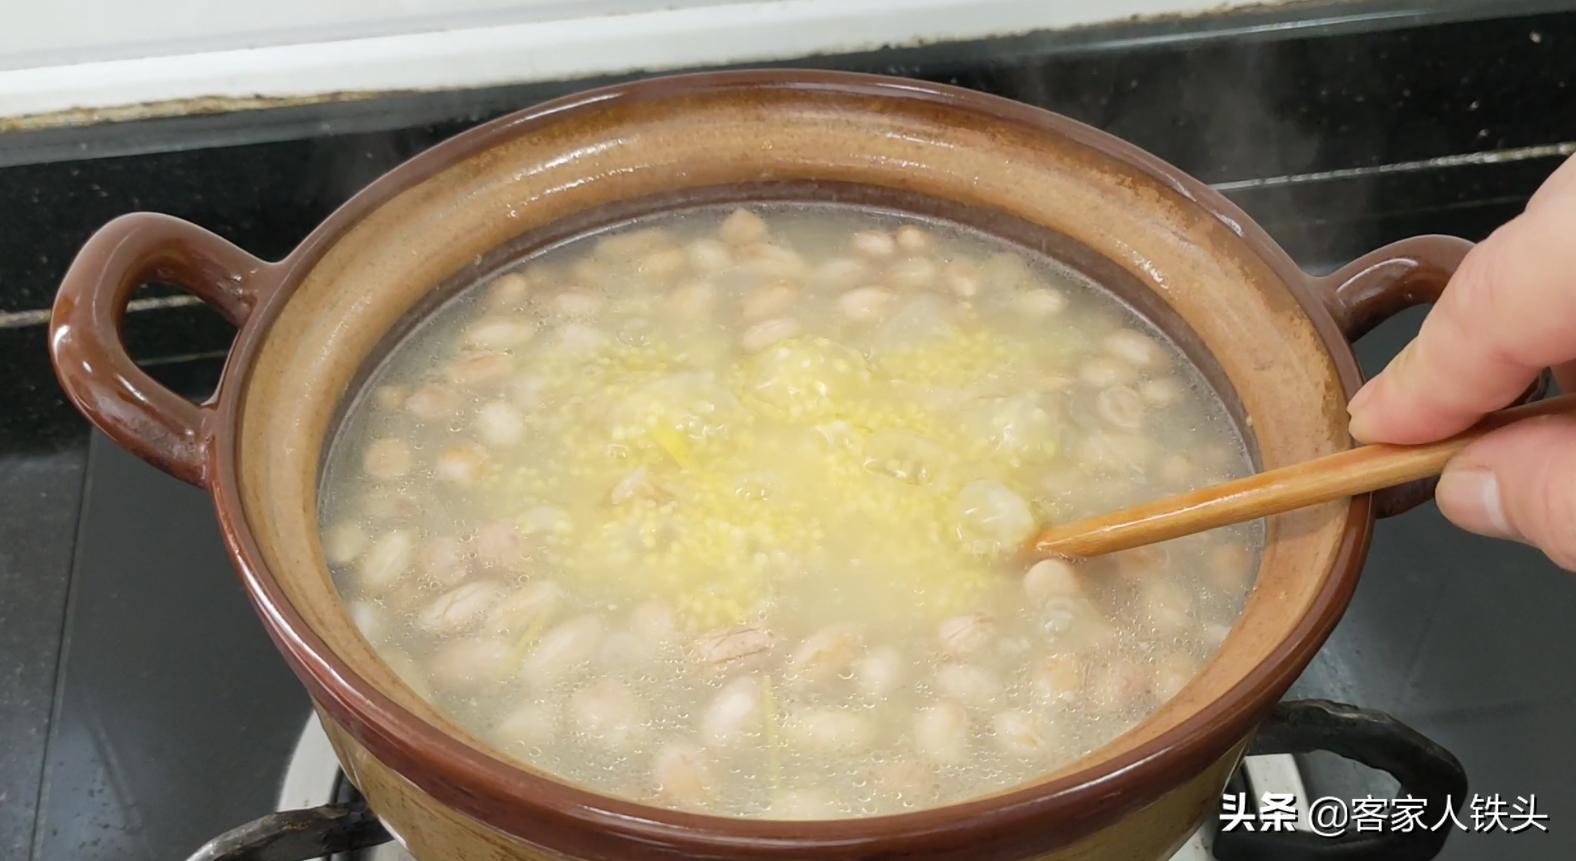 入夏常給家人做一鍋營養早餐,廣東人一周吃5次,鮮香綿滑又好吃